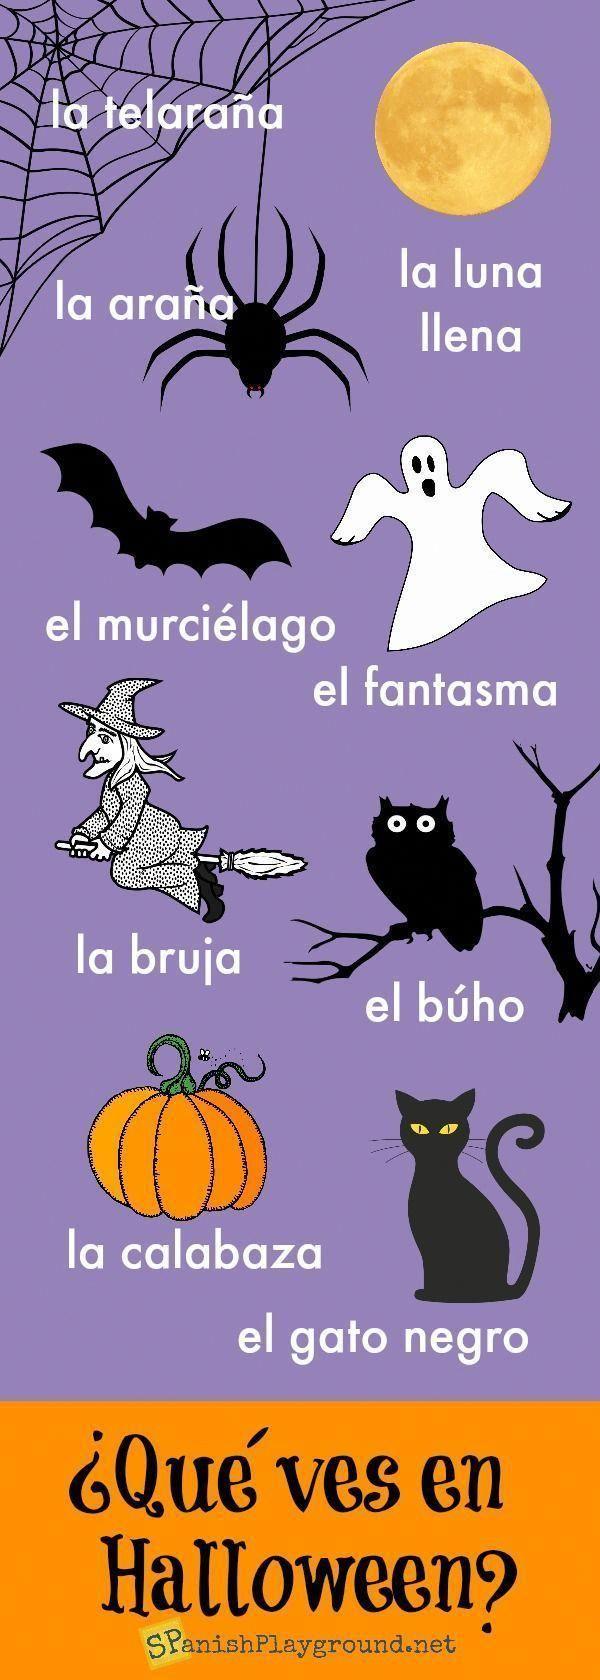 Spanish Halloween Resources for Kids Spanish Playground